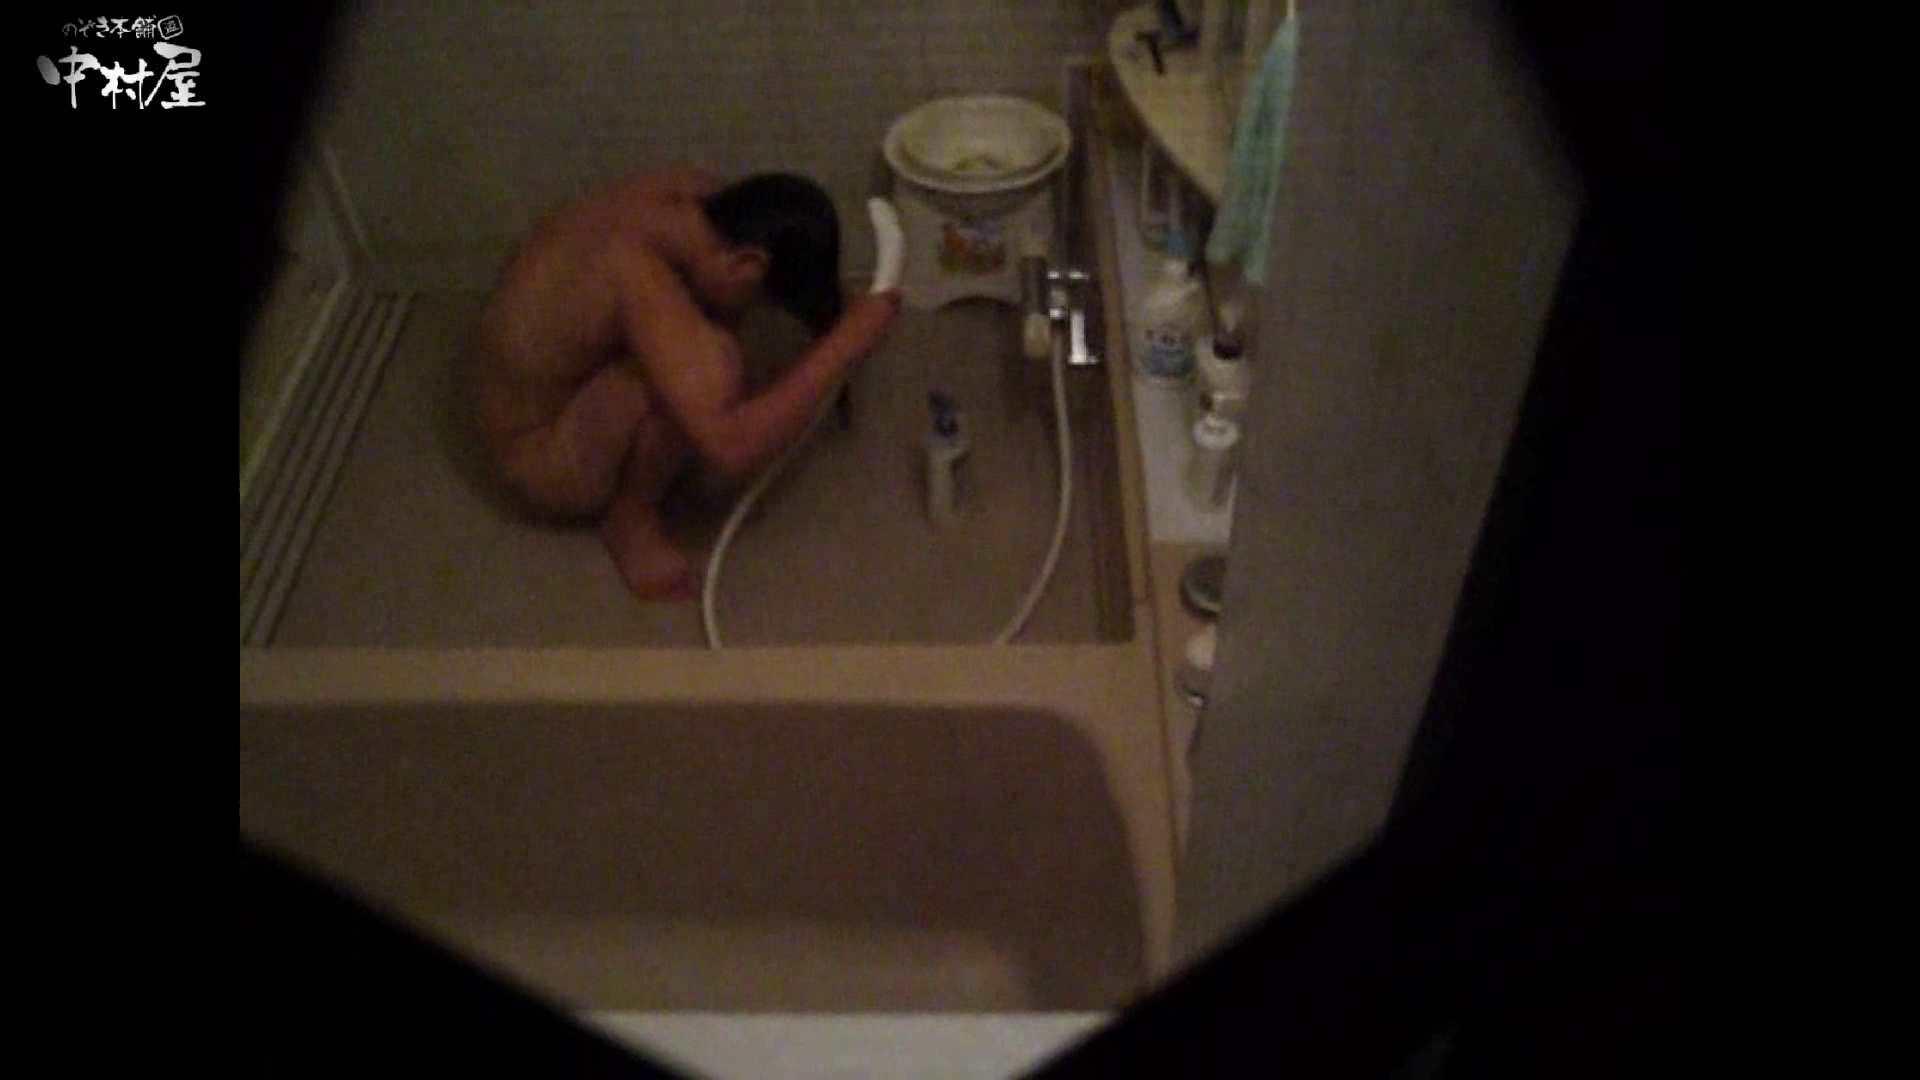 民家風呂専門盗撮師の超危険映像 vol.018 民家   HなOL  70pic 36